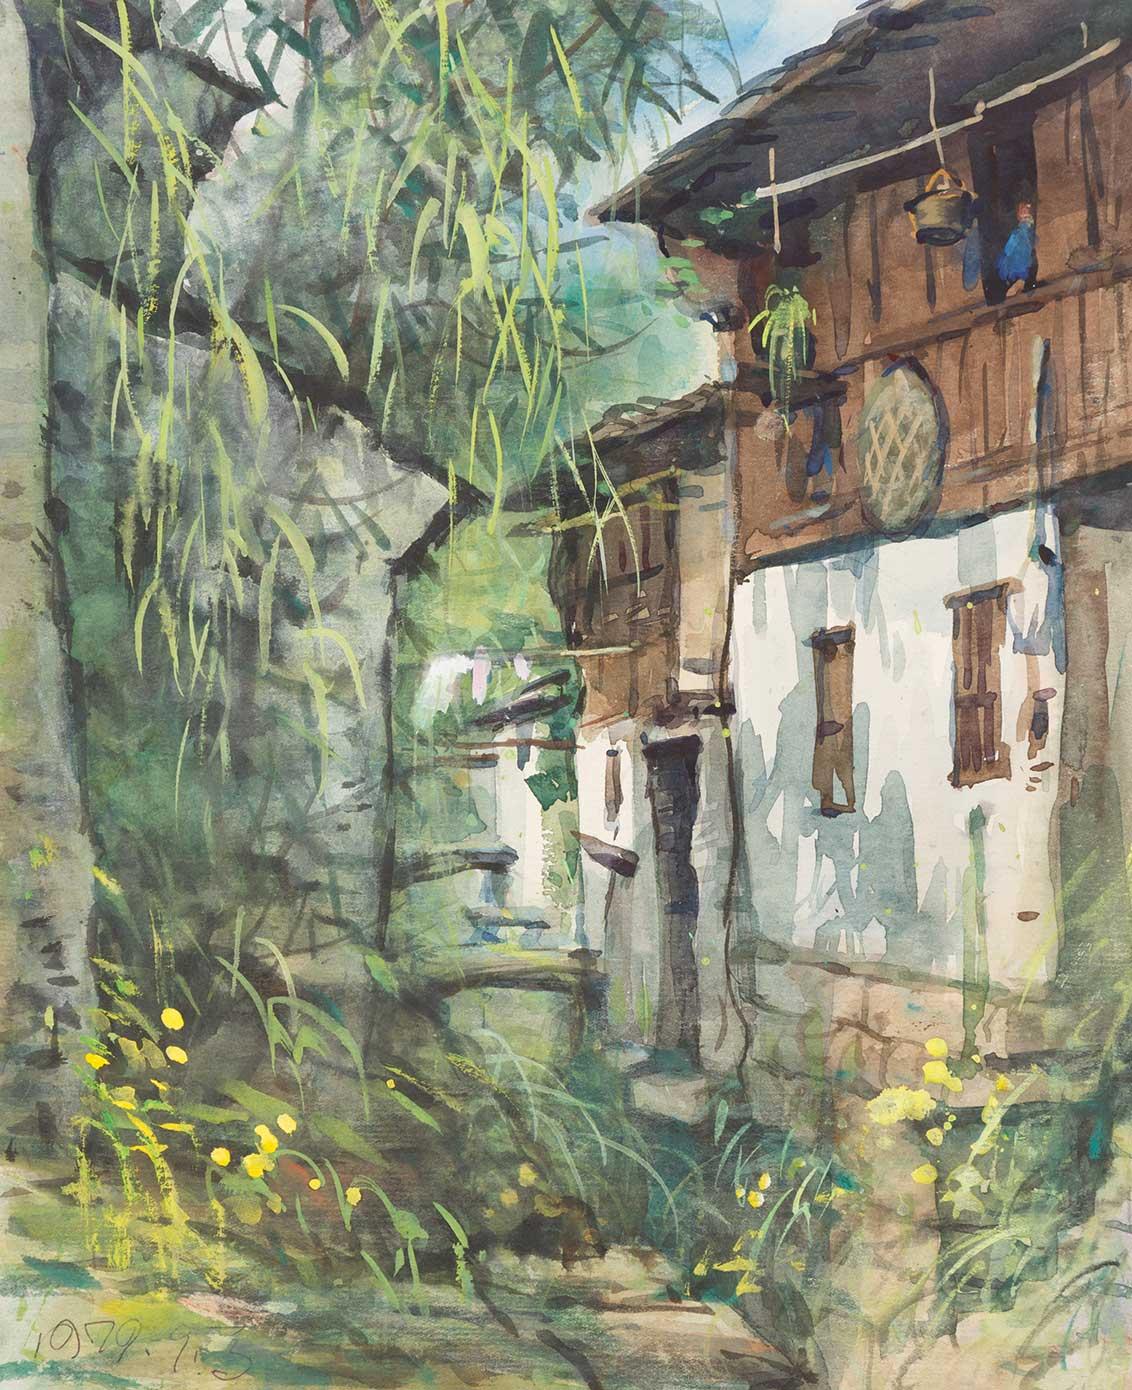 旅する画伯が描いた36年前の江南水郷の原風景_b0235153_1515022.jpg